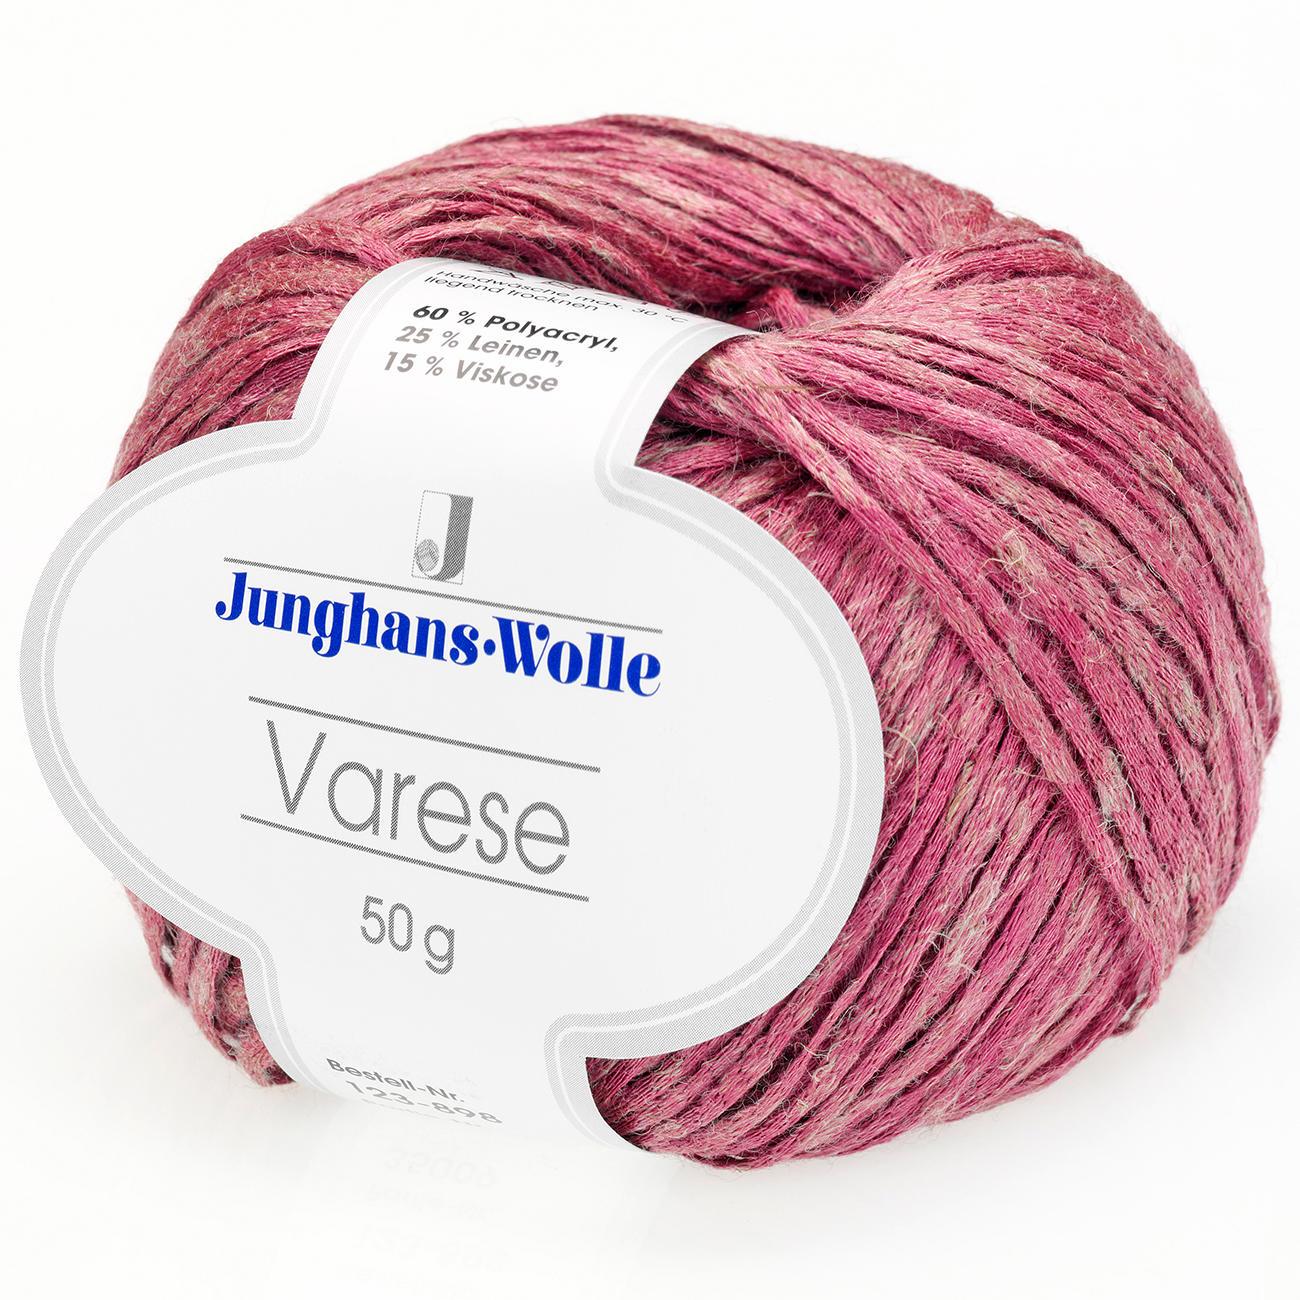 Varese von junghans wolle 14 versch farben - Junghanns wolle ...